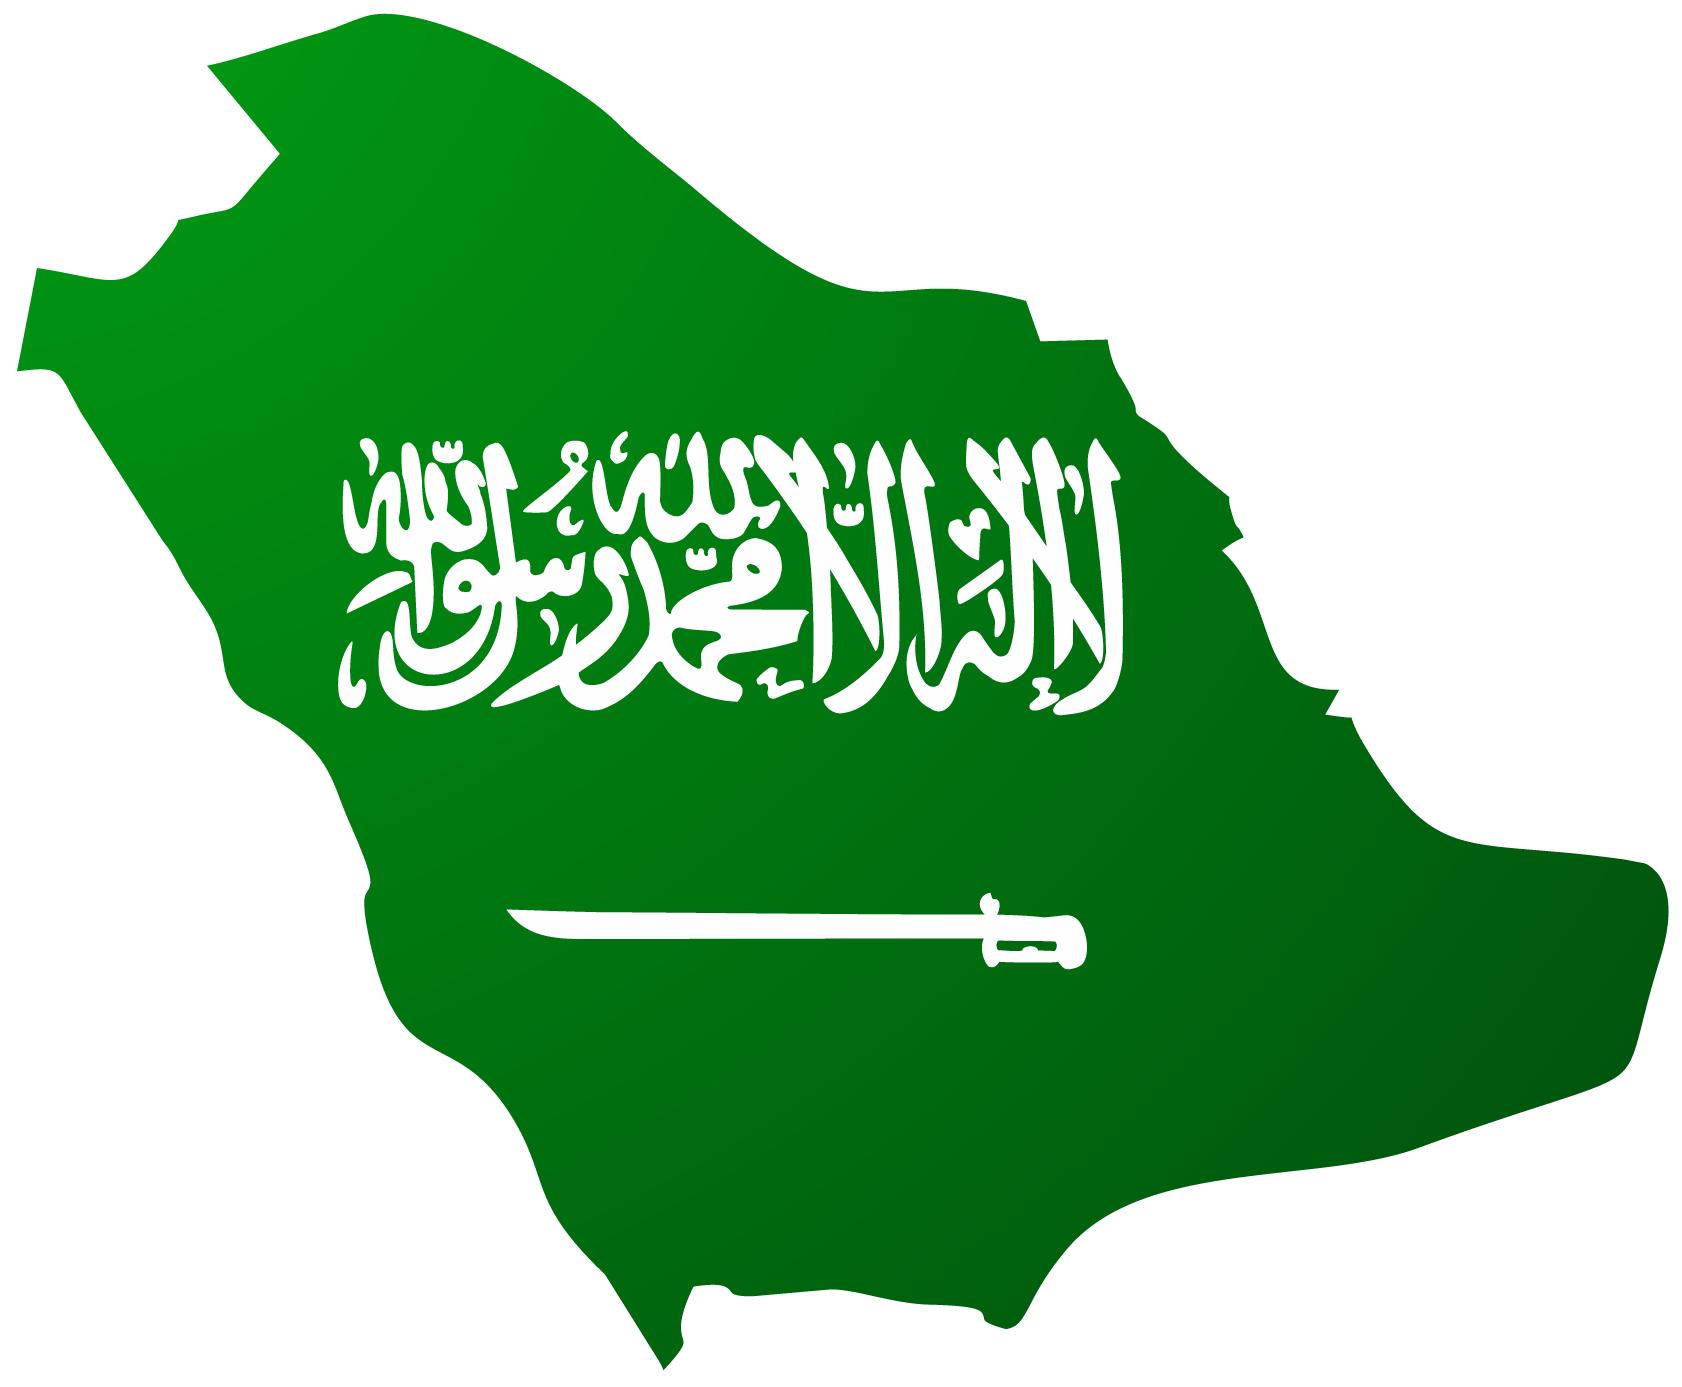 خريطة علم المملكة العربية السعودية